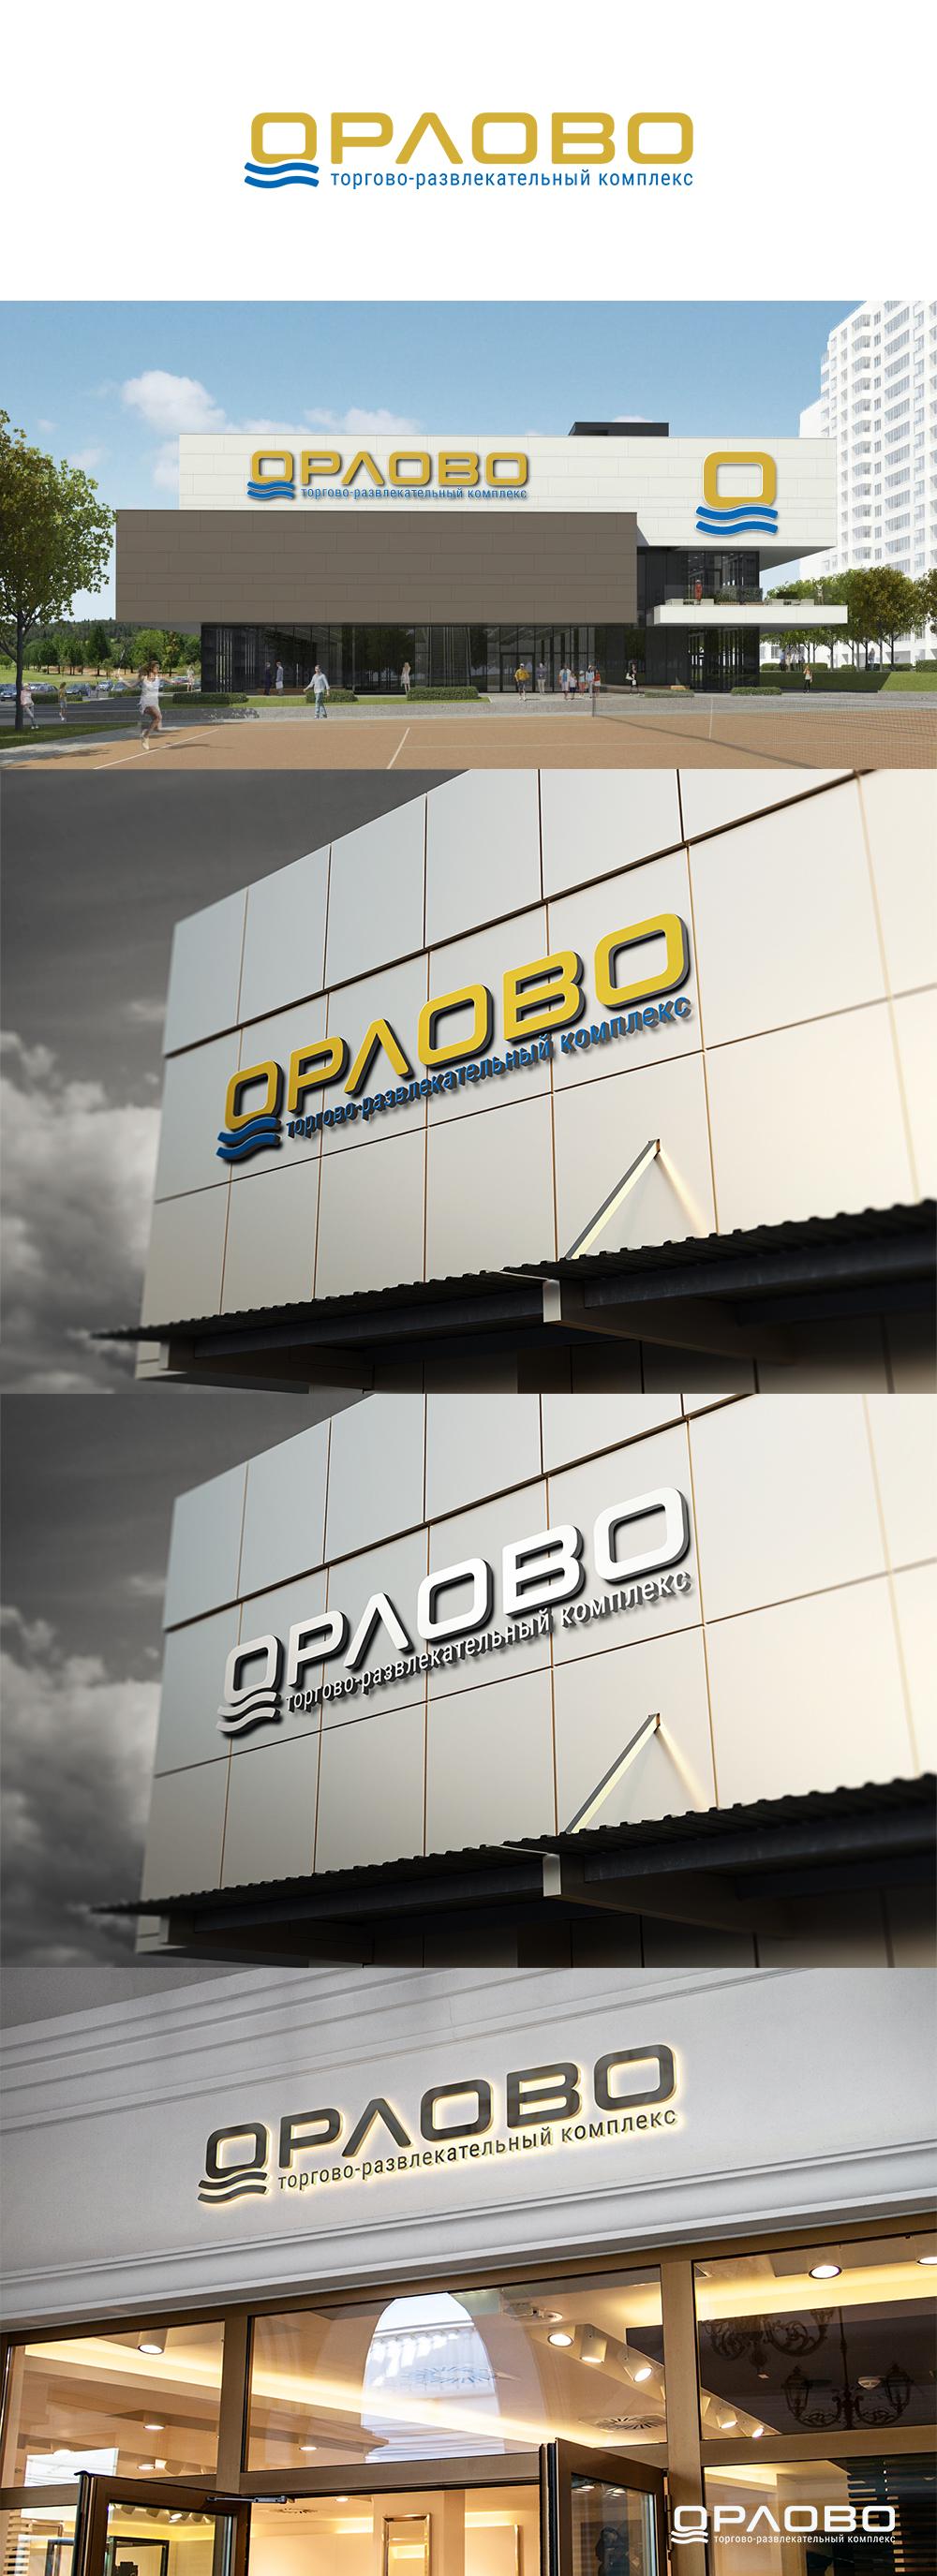 Разработка логотипа для Торгово-развлекательного комплекса фото f_1455971bd76d9fe3.jpg